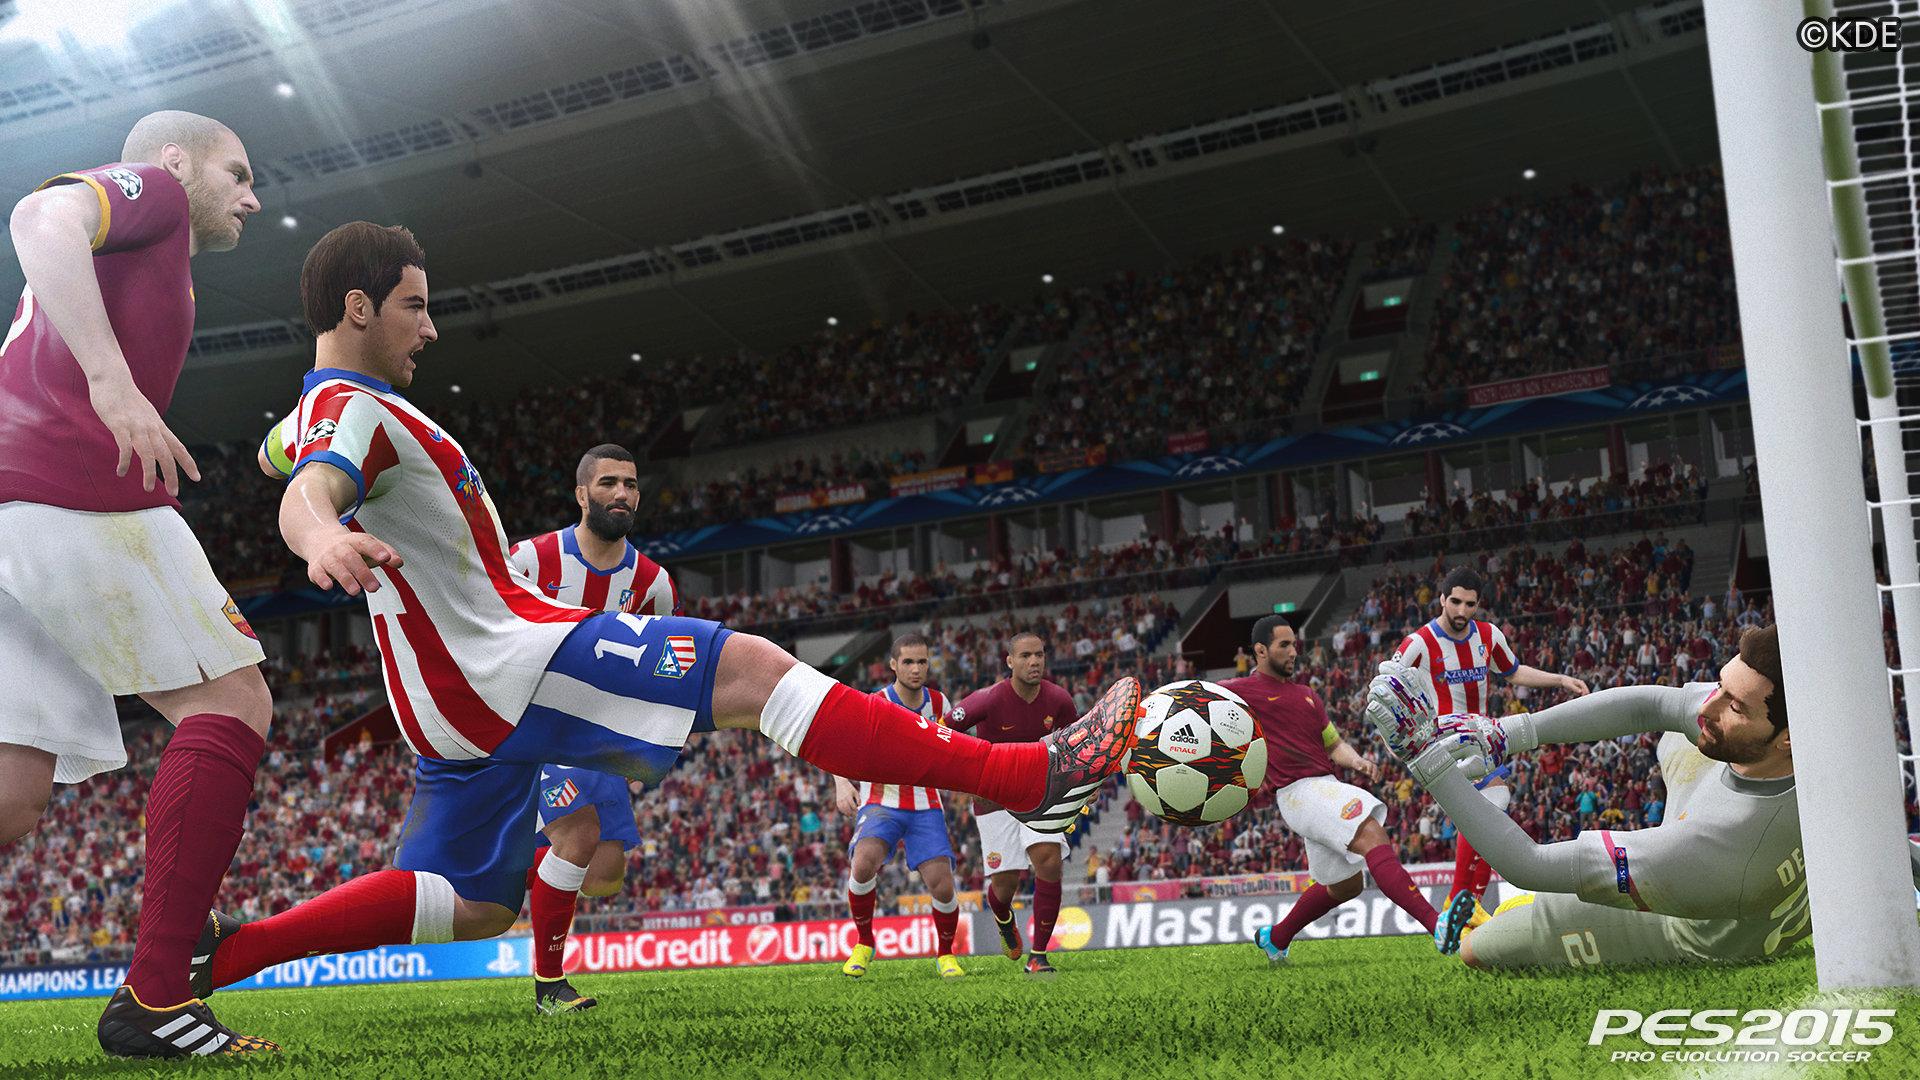 Pro Evolution Soccer 2015 Game | PS4 - PlayStation